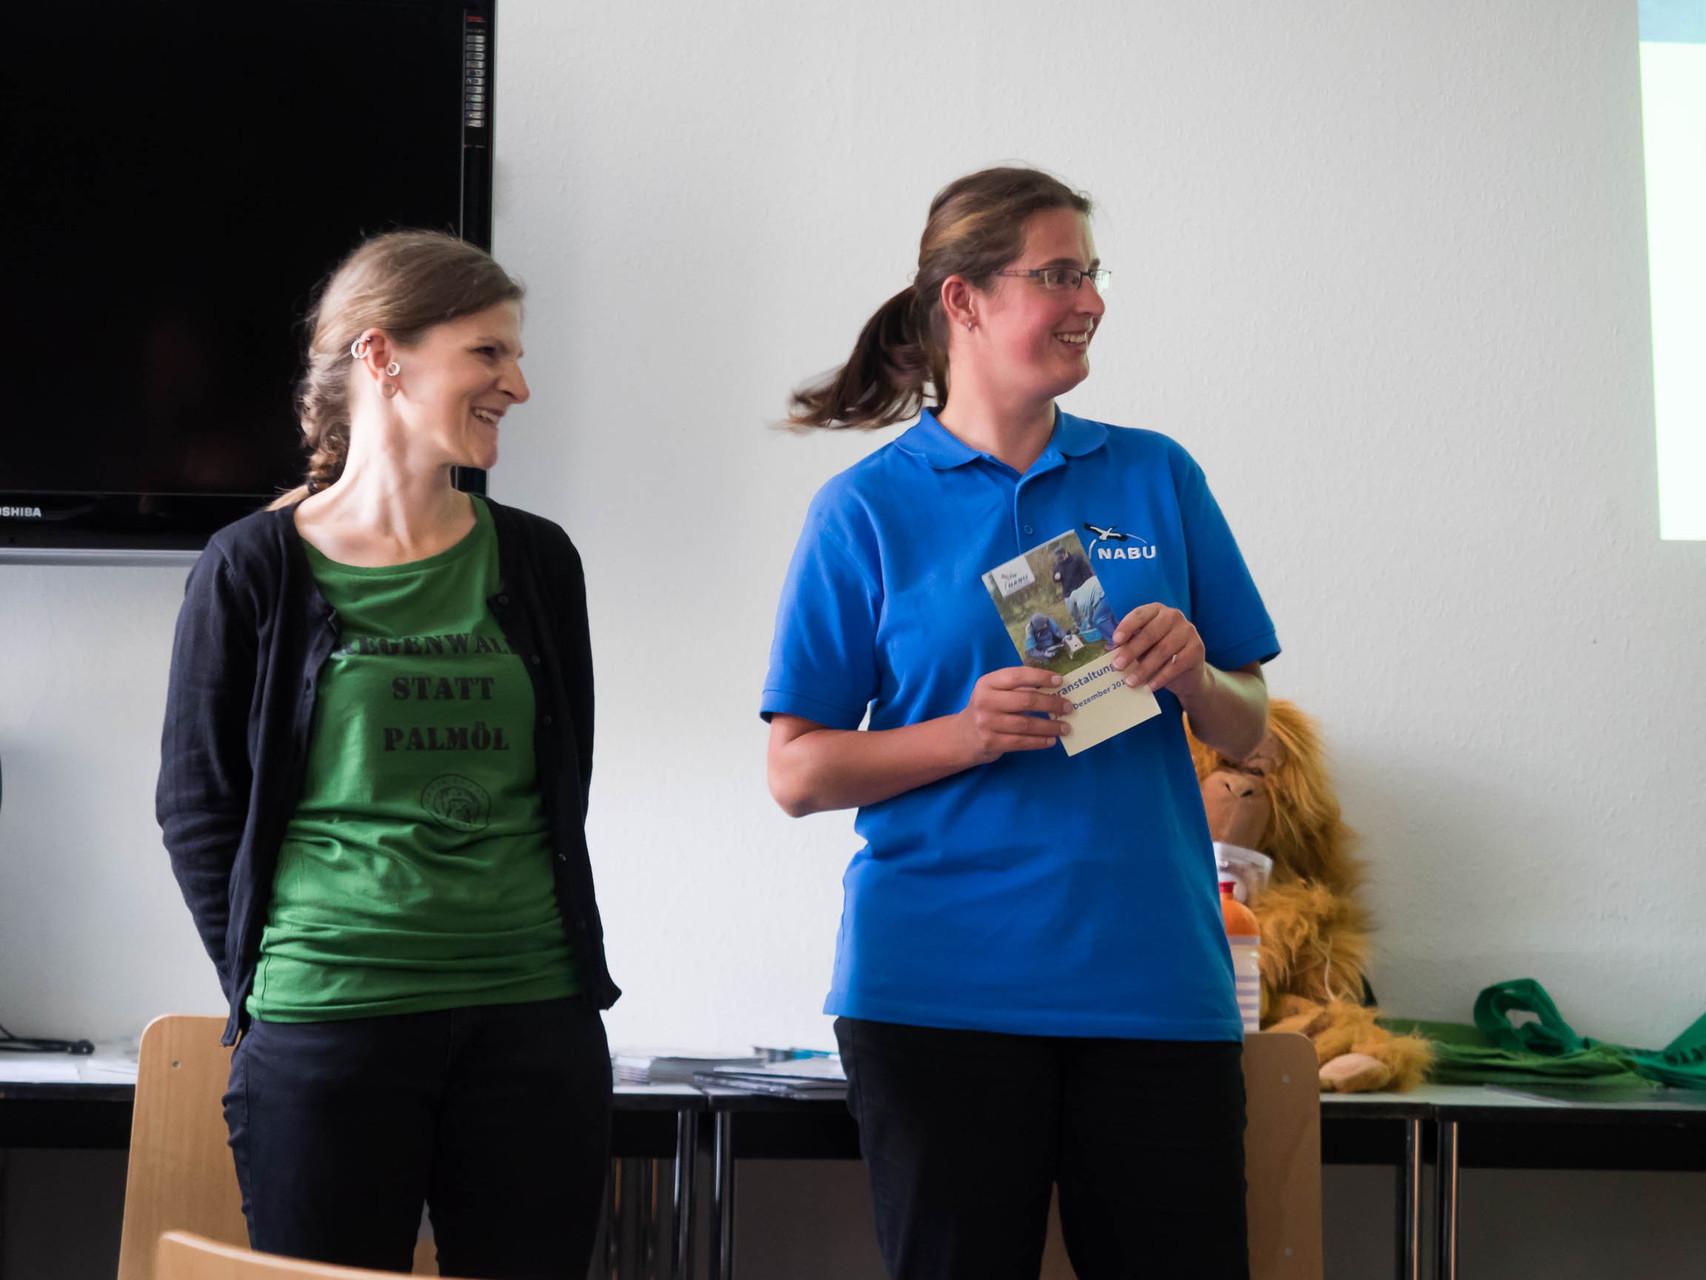 Daniela Dunger vom NABU Leipzig (rechts) begrüßte die Gäste und Referentin Cindy Höll (links) im Naturkundemuseum.